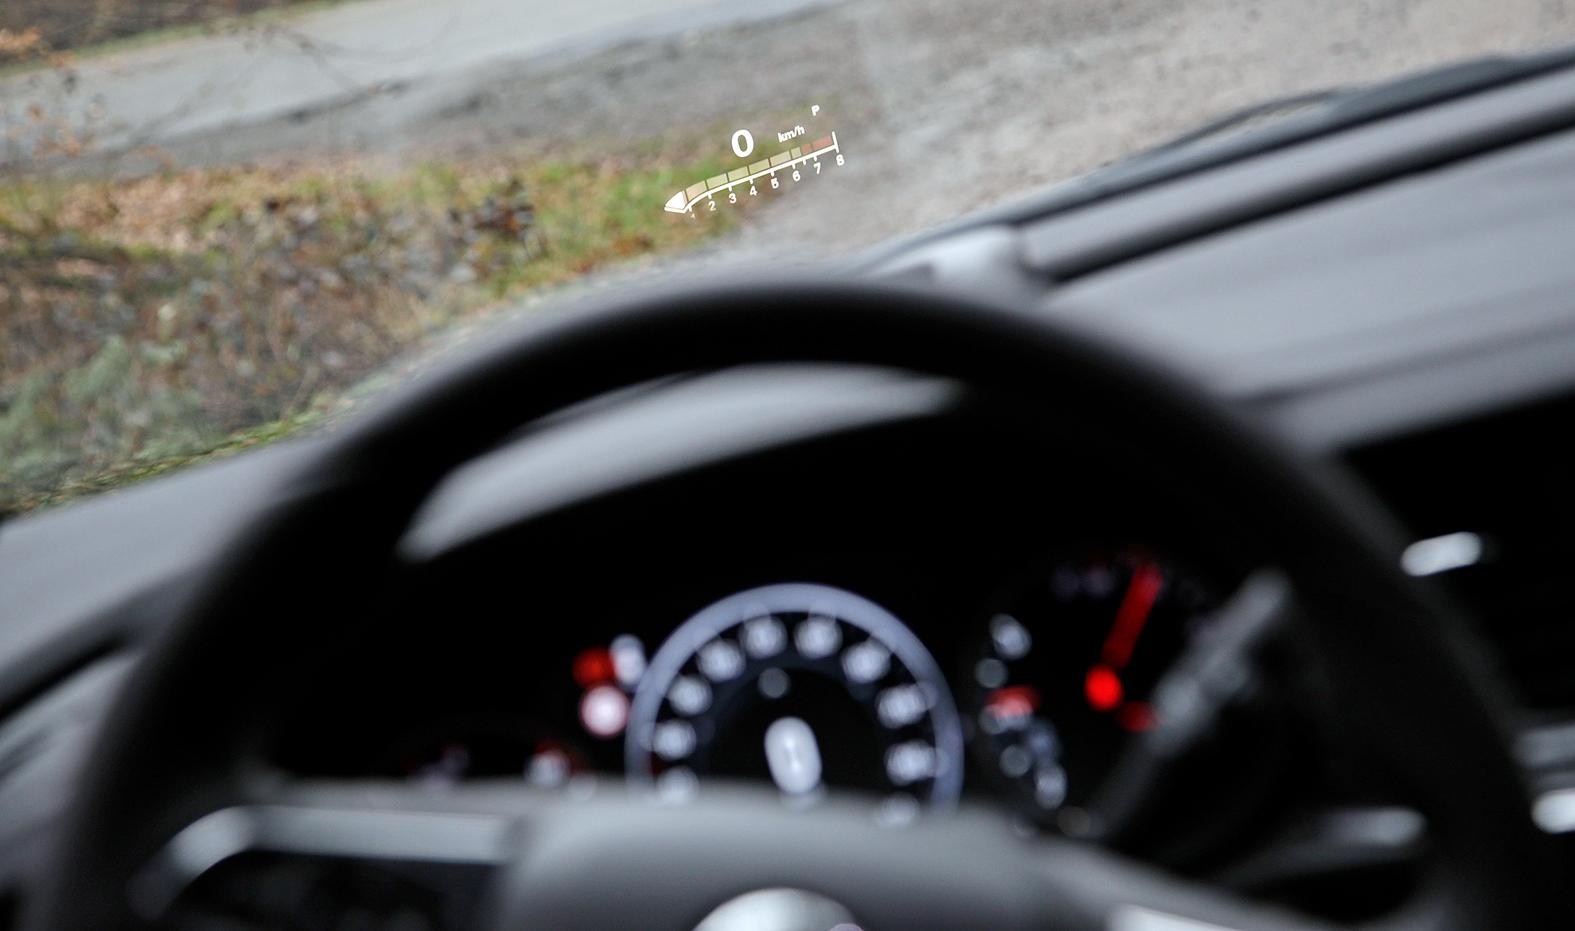 Frühlingsfest bei Opel, wo sich die Besucher für den neuen Insignia interssieren und gleich eine Probefahrt machen, oder auch das neue Ladegrät des Ampera E begutachten